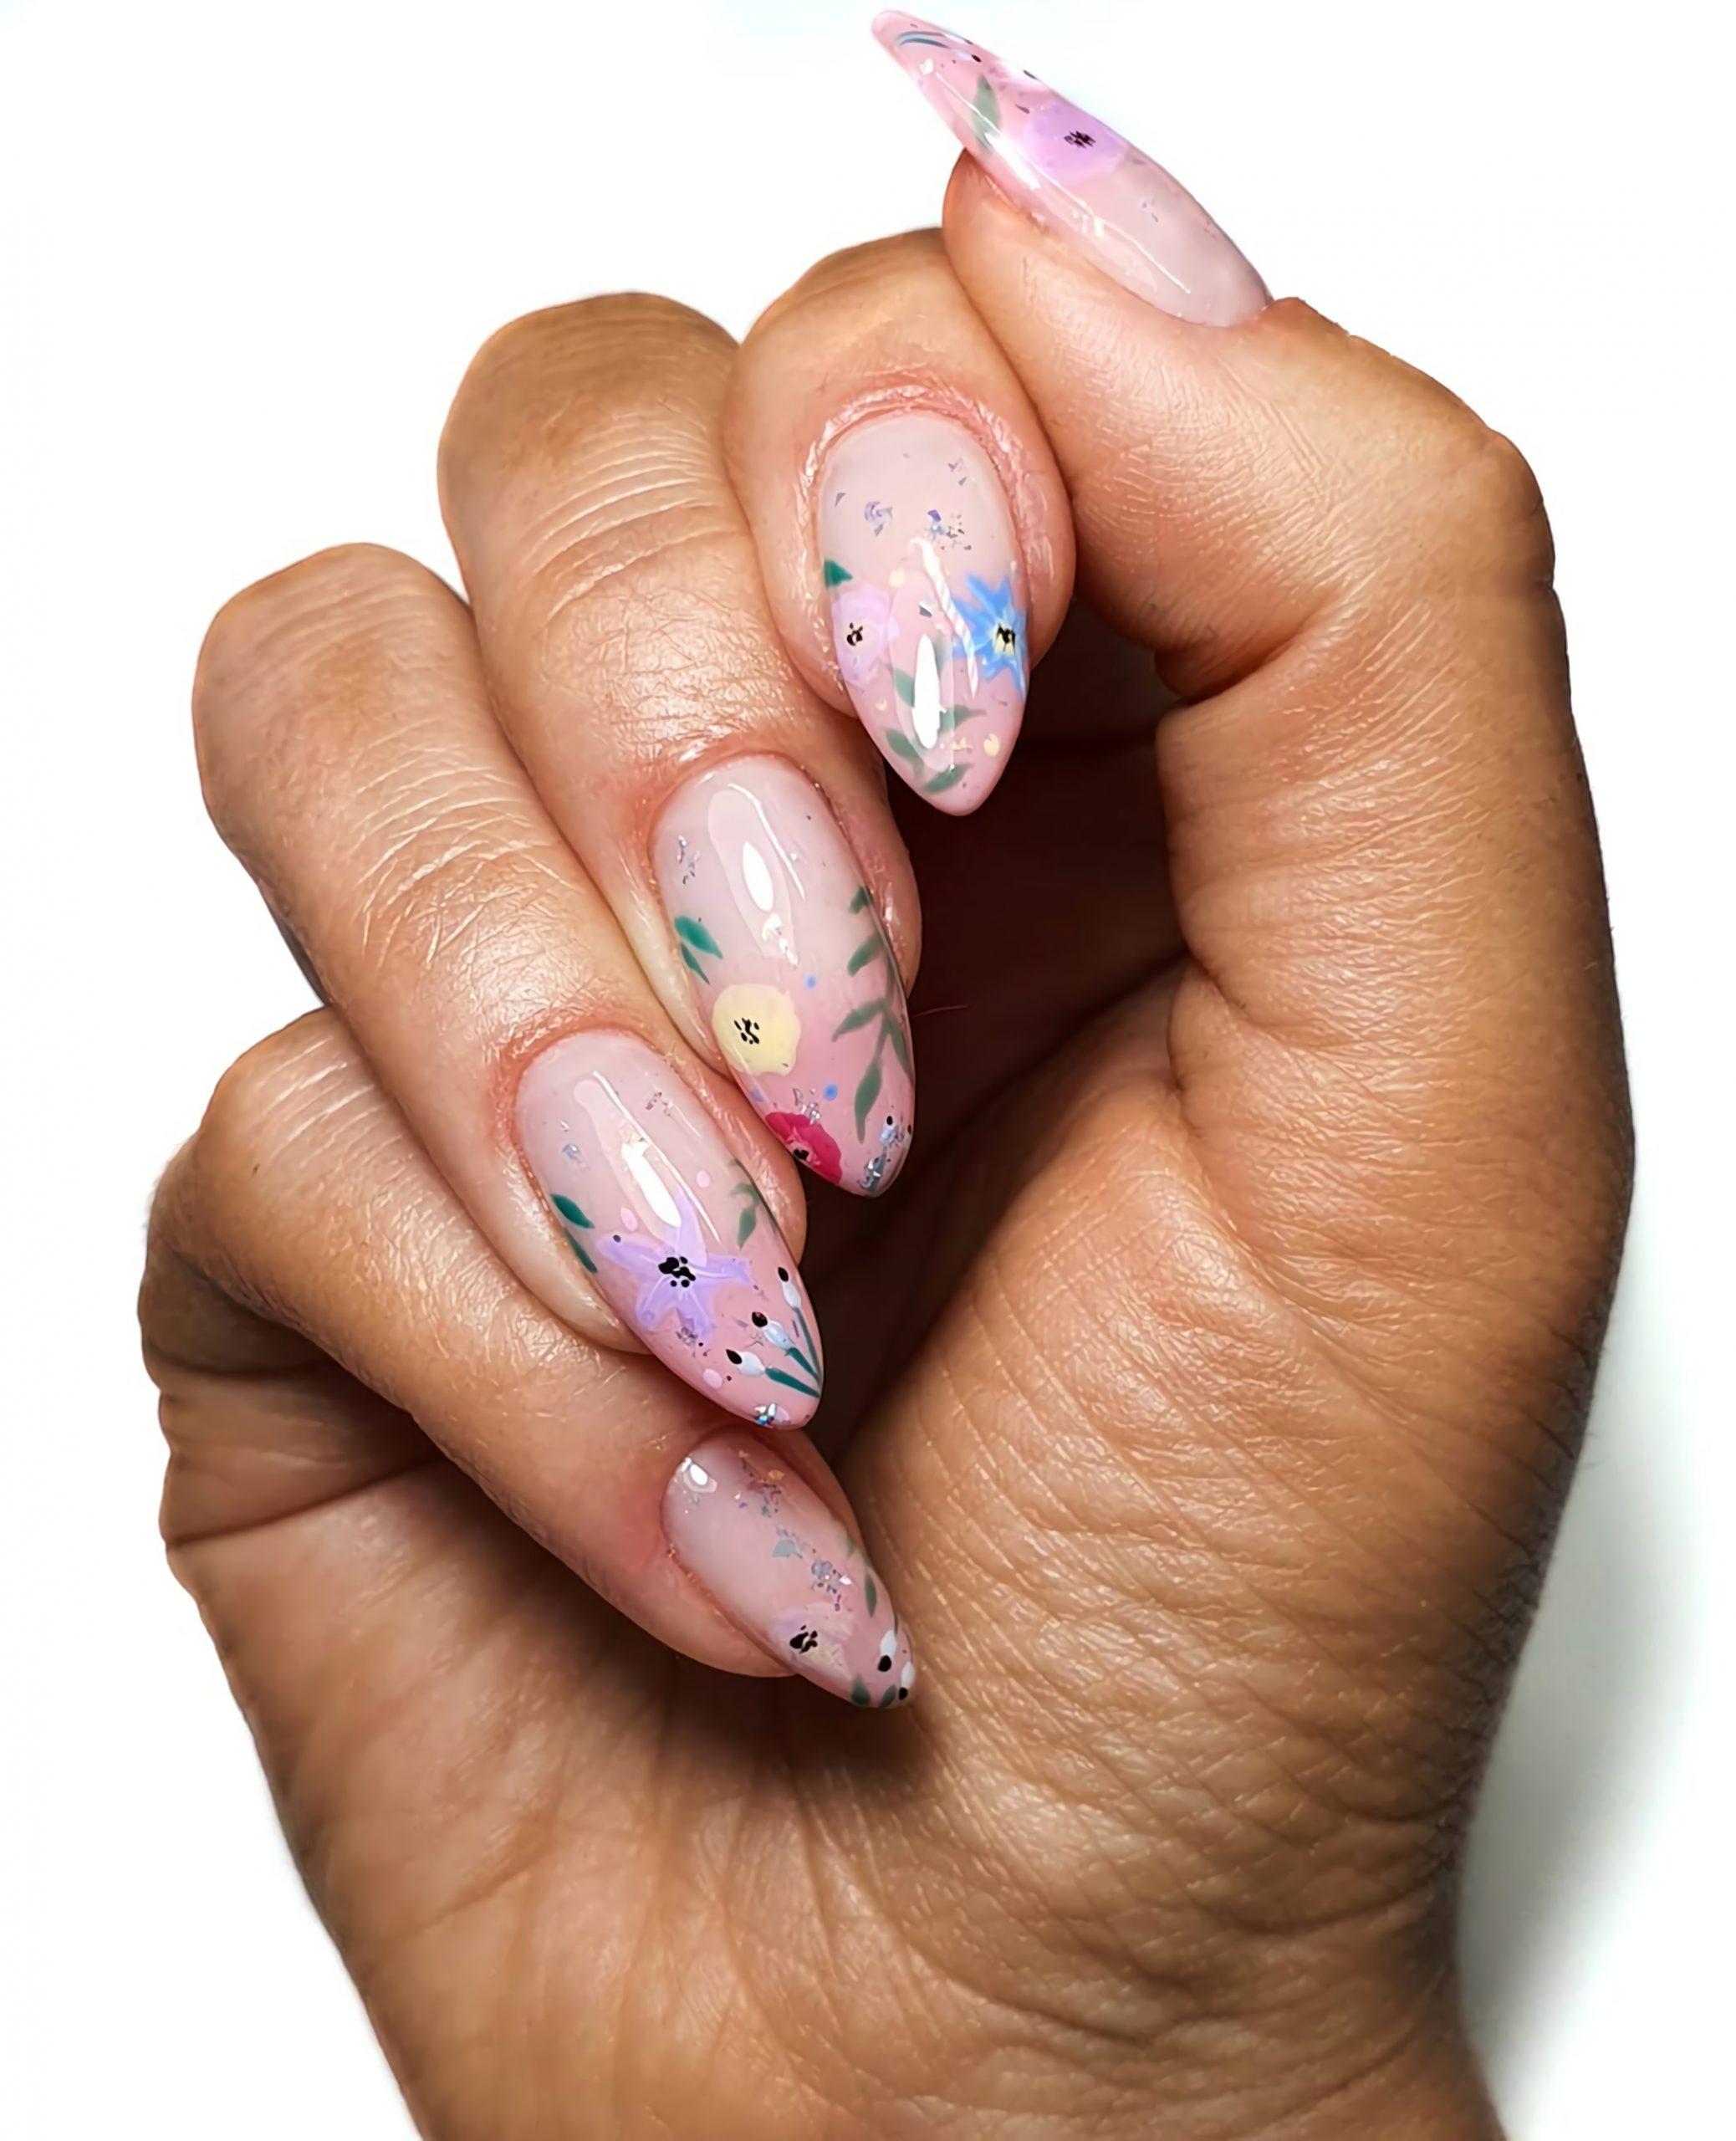 миндальная форма ногтей с цветочным маникюром